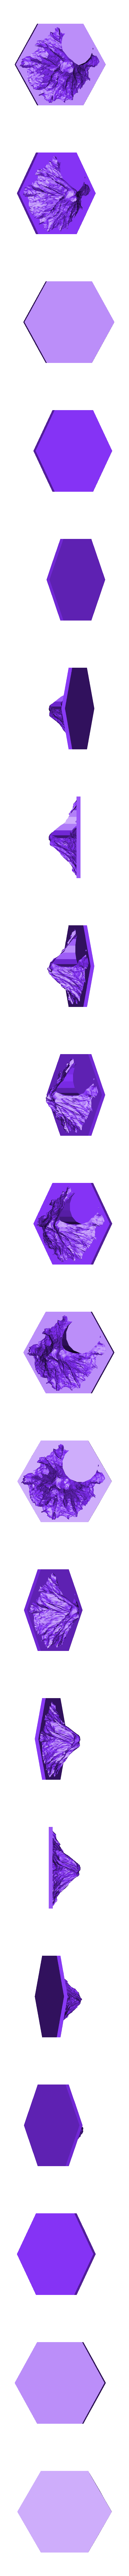 Catan_-_Ore1.stl Télécharger fichier STL gratuit Jeu complet de carreaux Catan - Buse simple, multicouches multicolores • Objet pour impression 3D, Hardcore3D